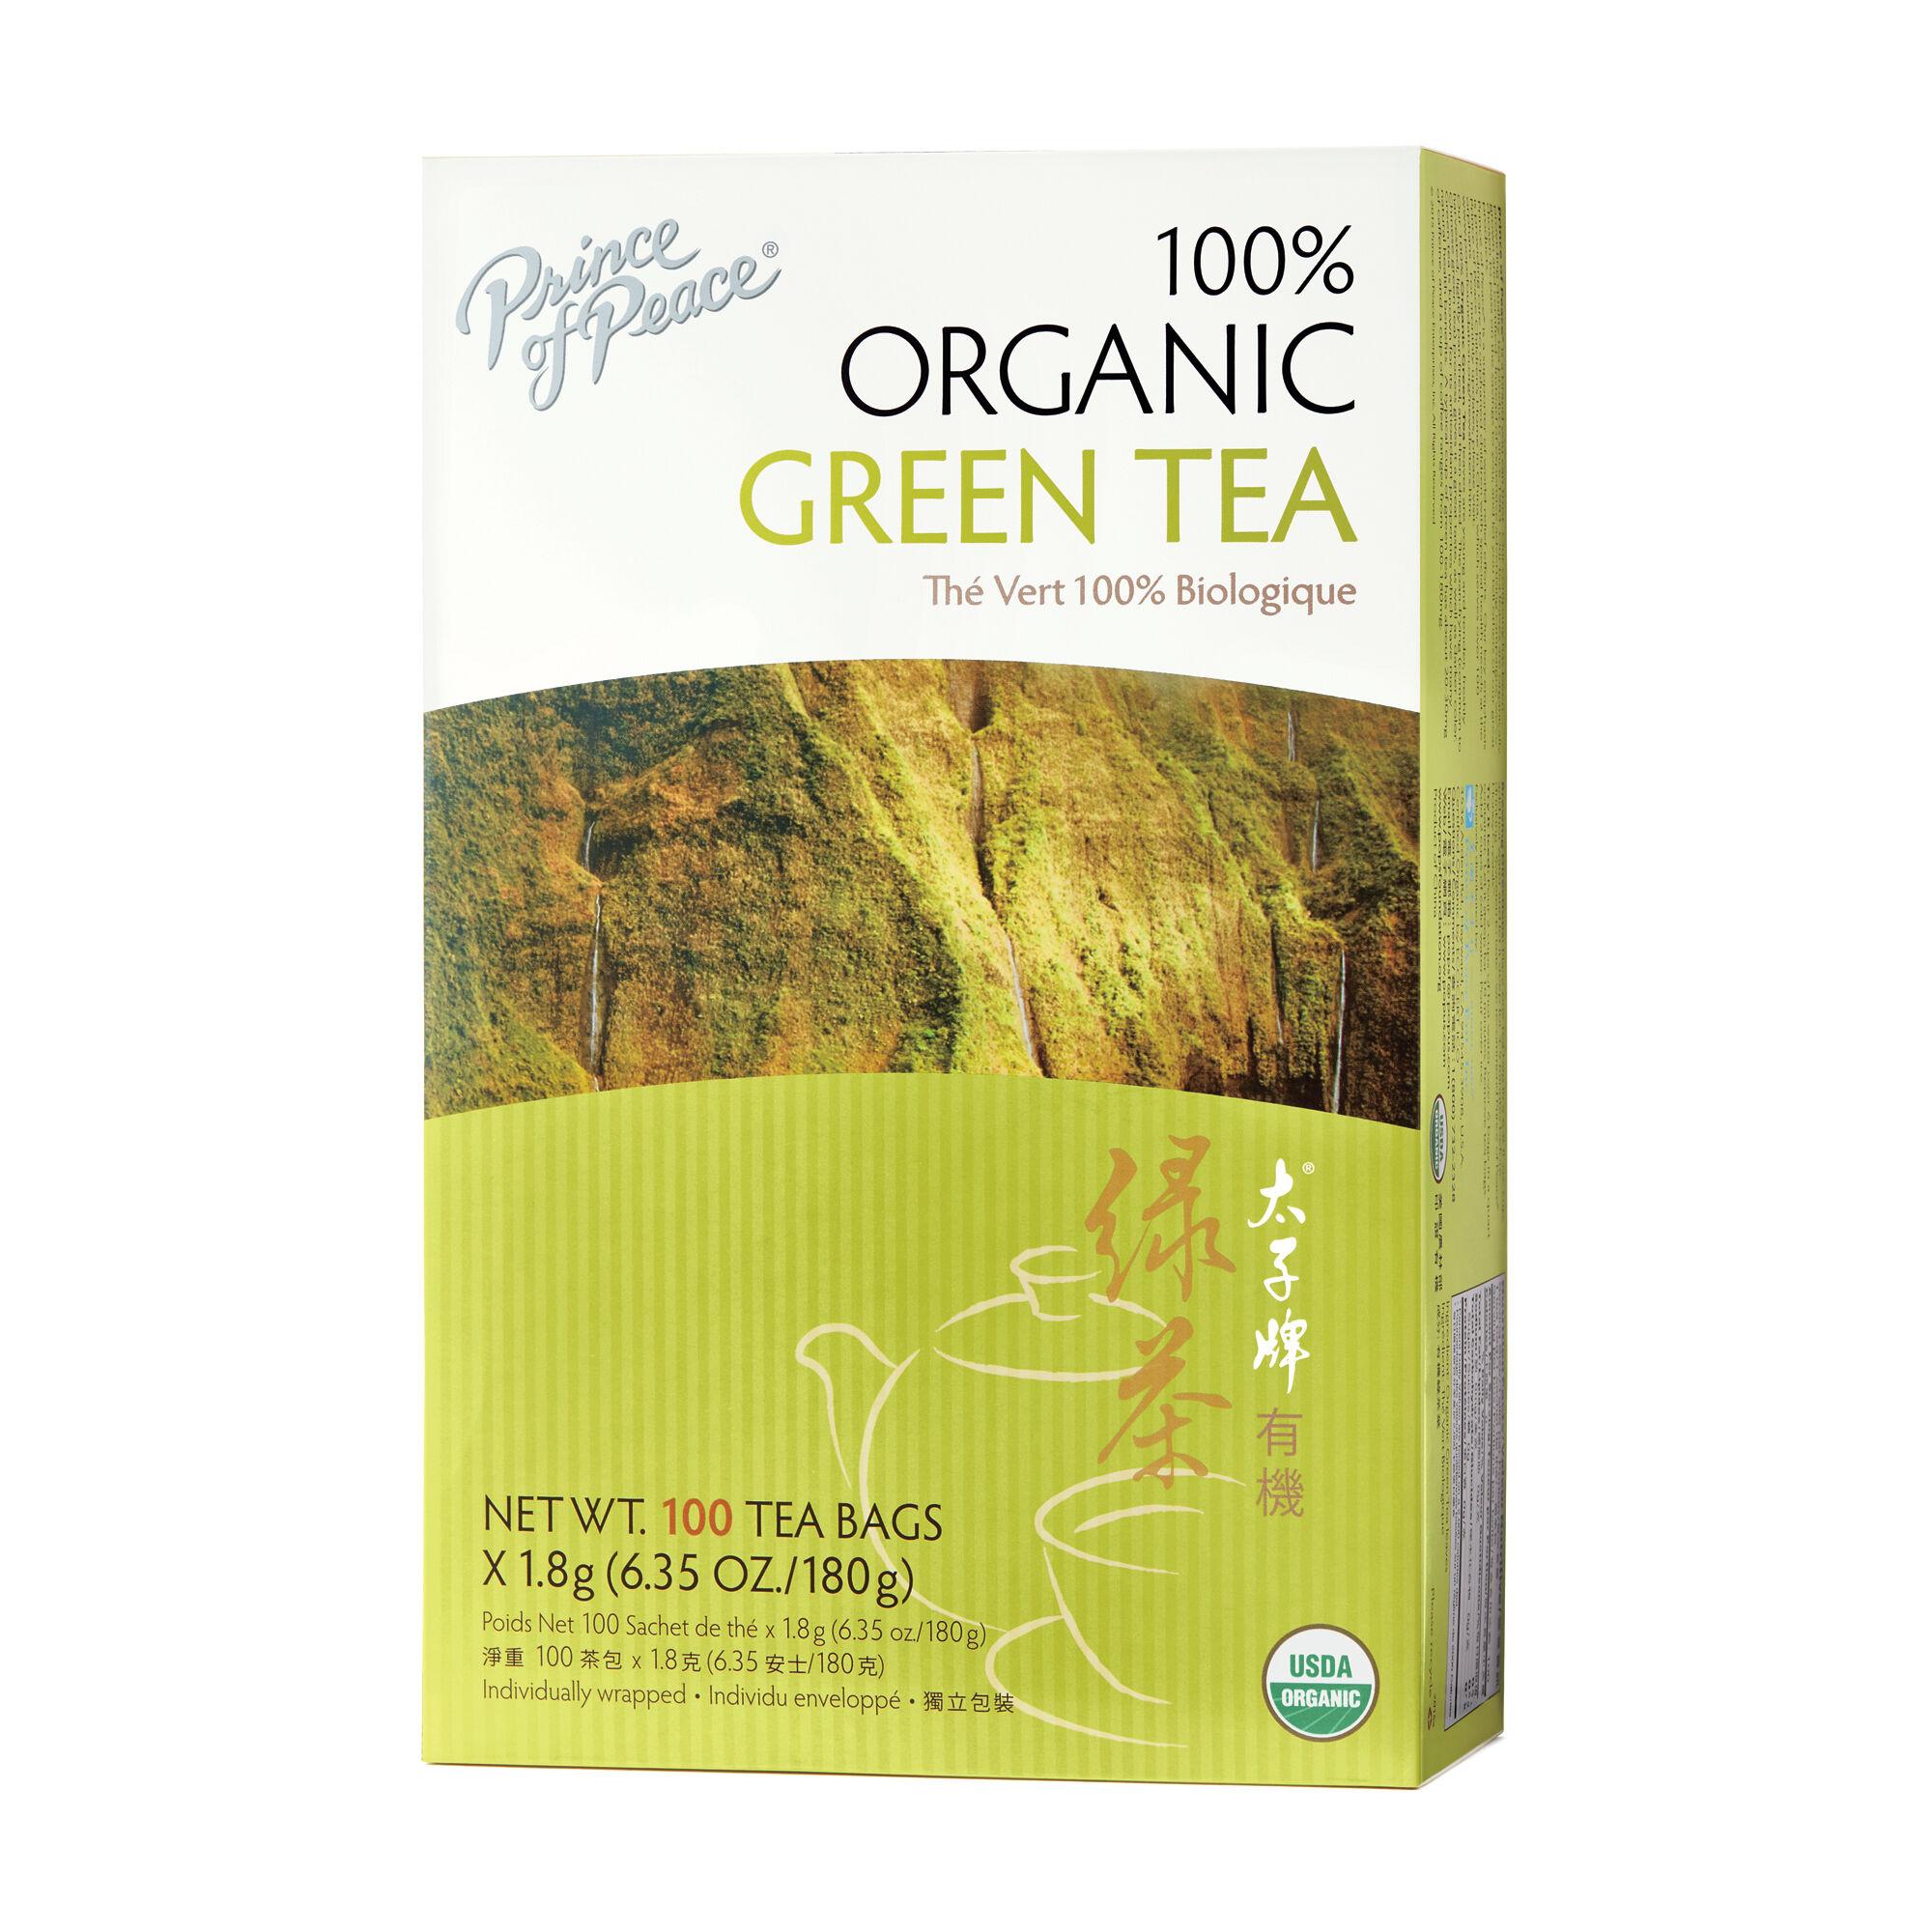 Prince of Peace® 100% Organic Green Tea